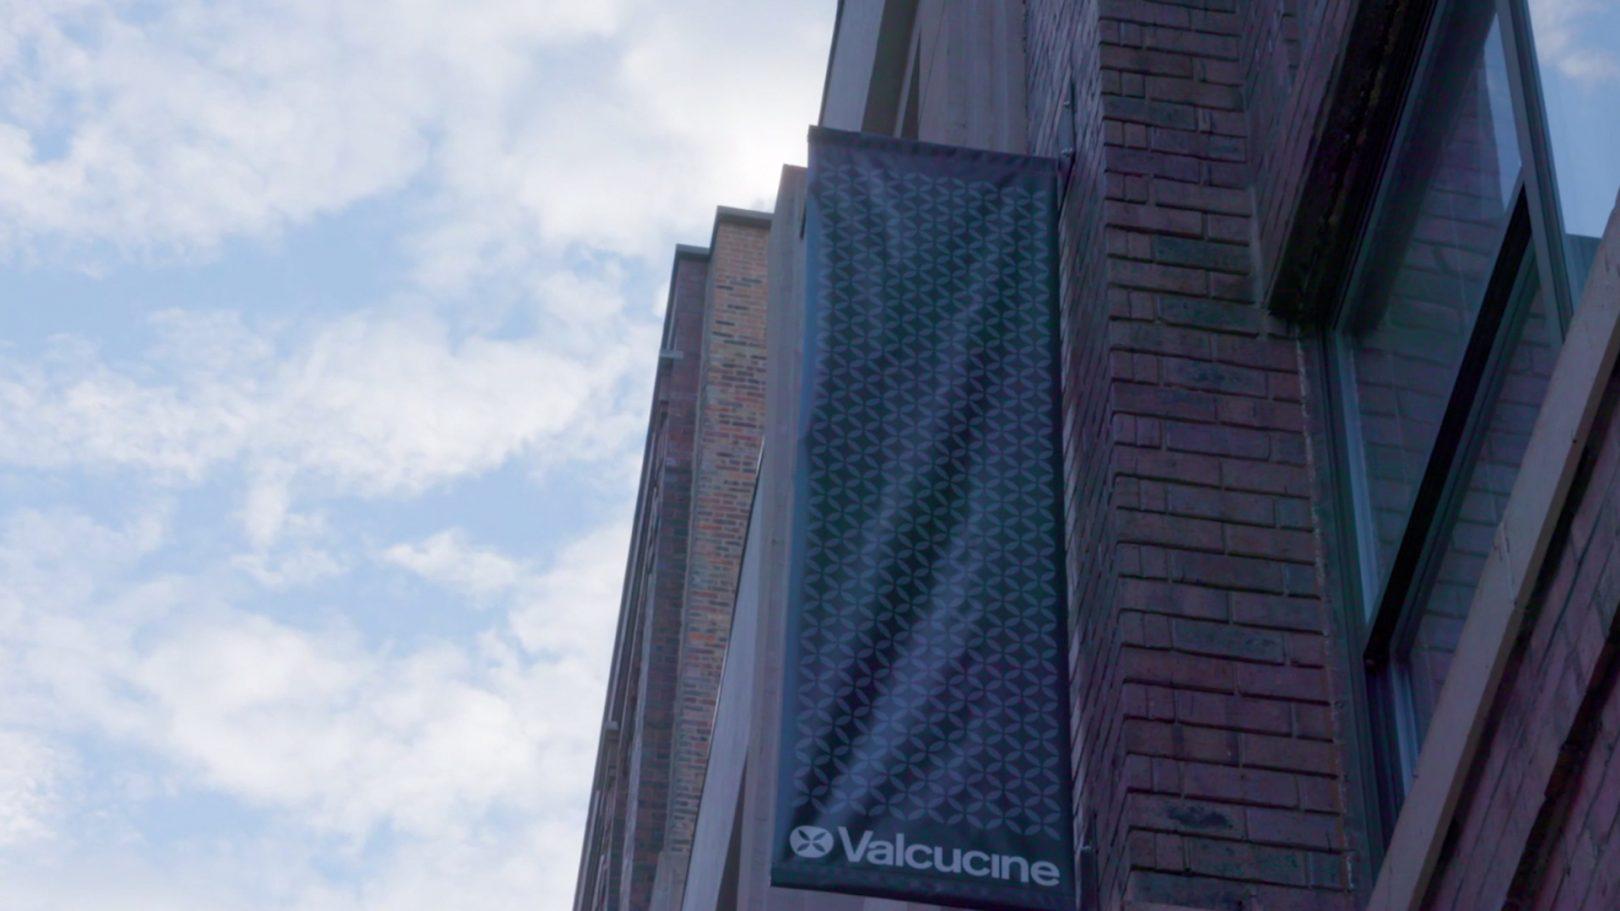 valcucine_chicago_2_D_1920_1080